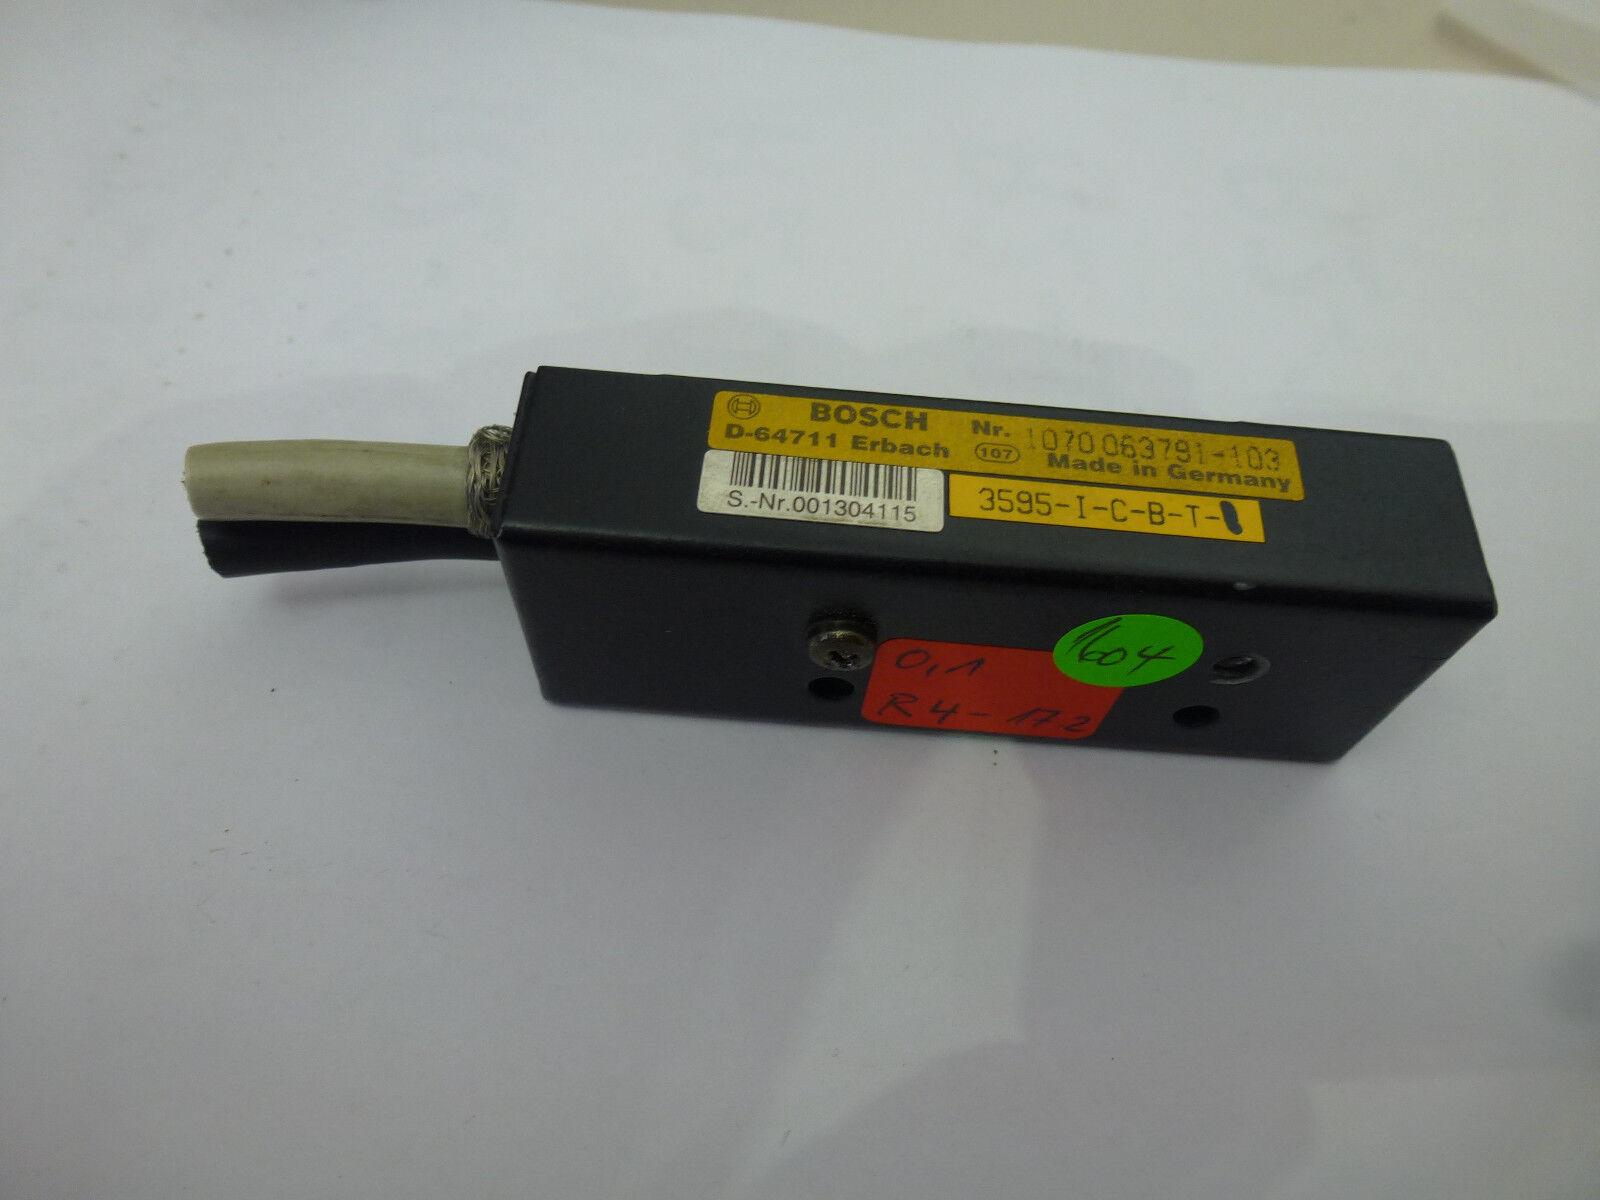 Bosch 1070063791